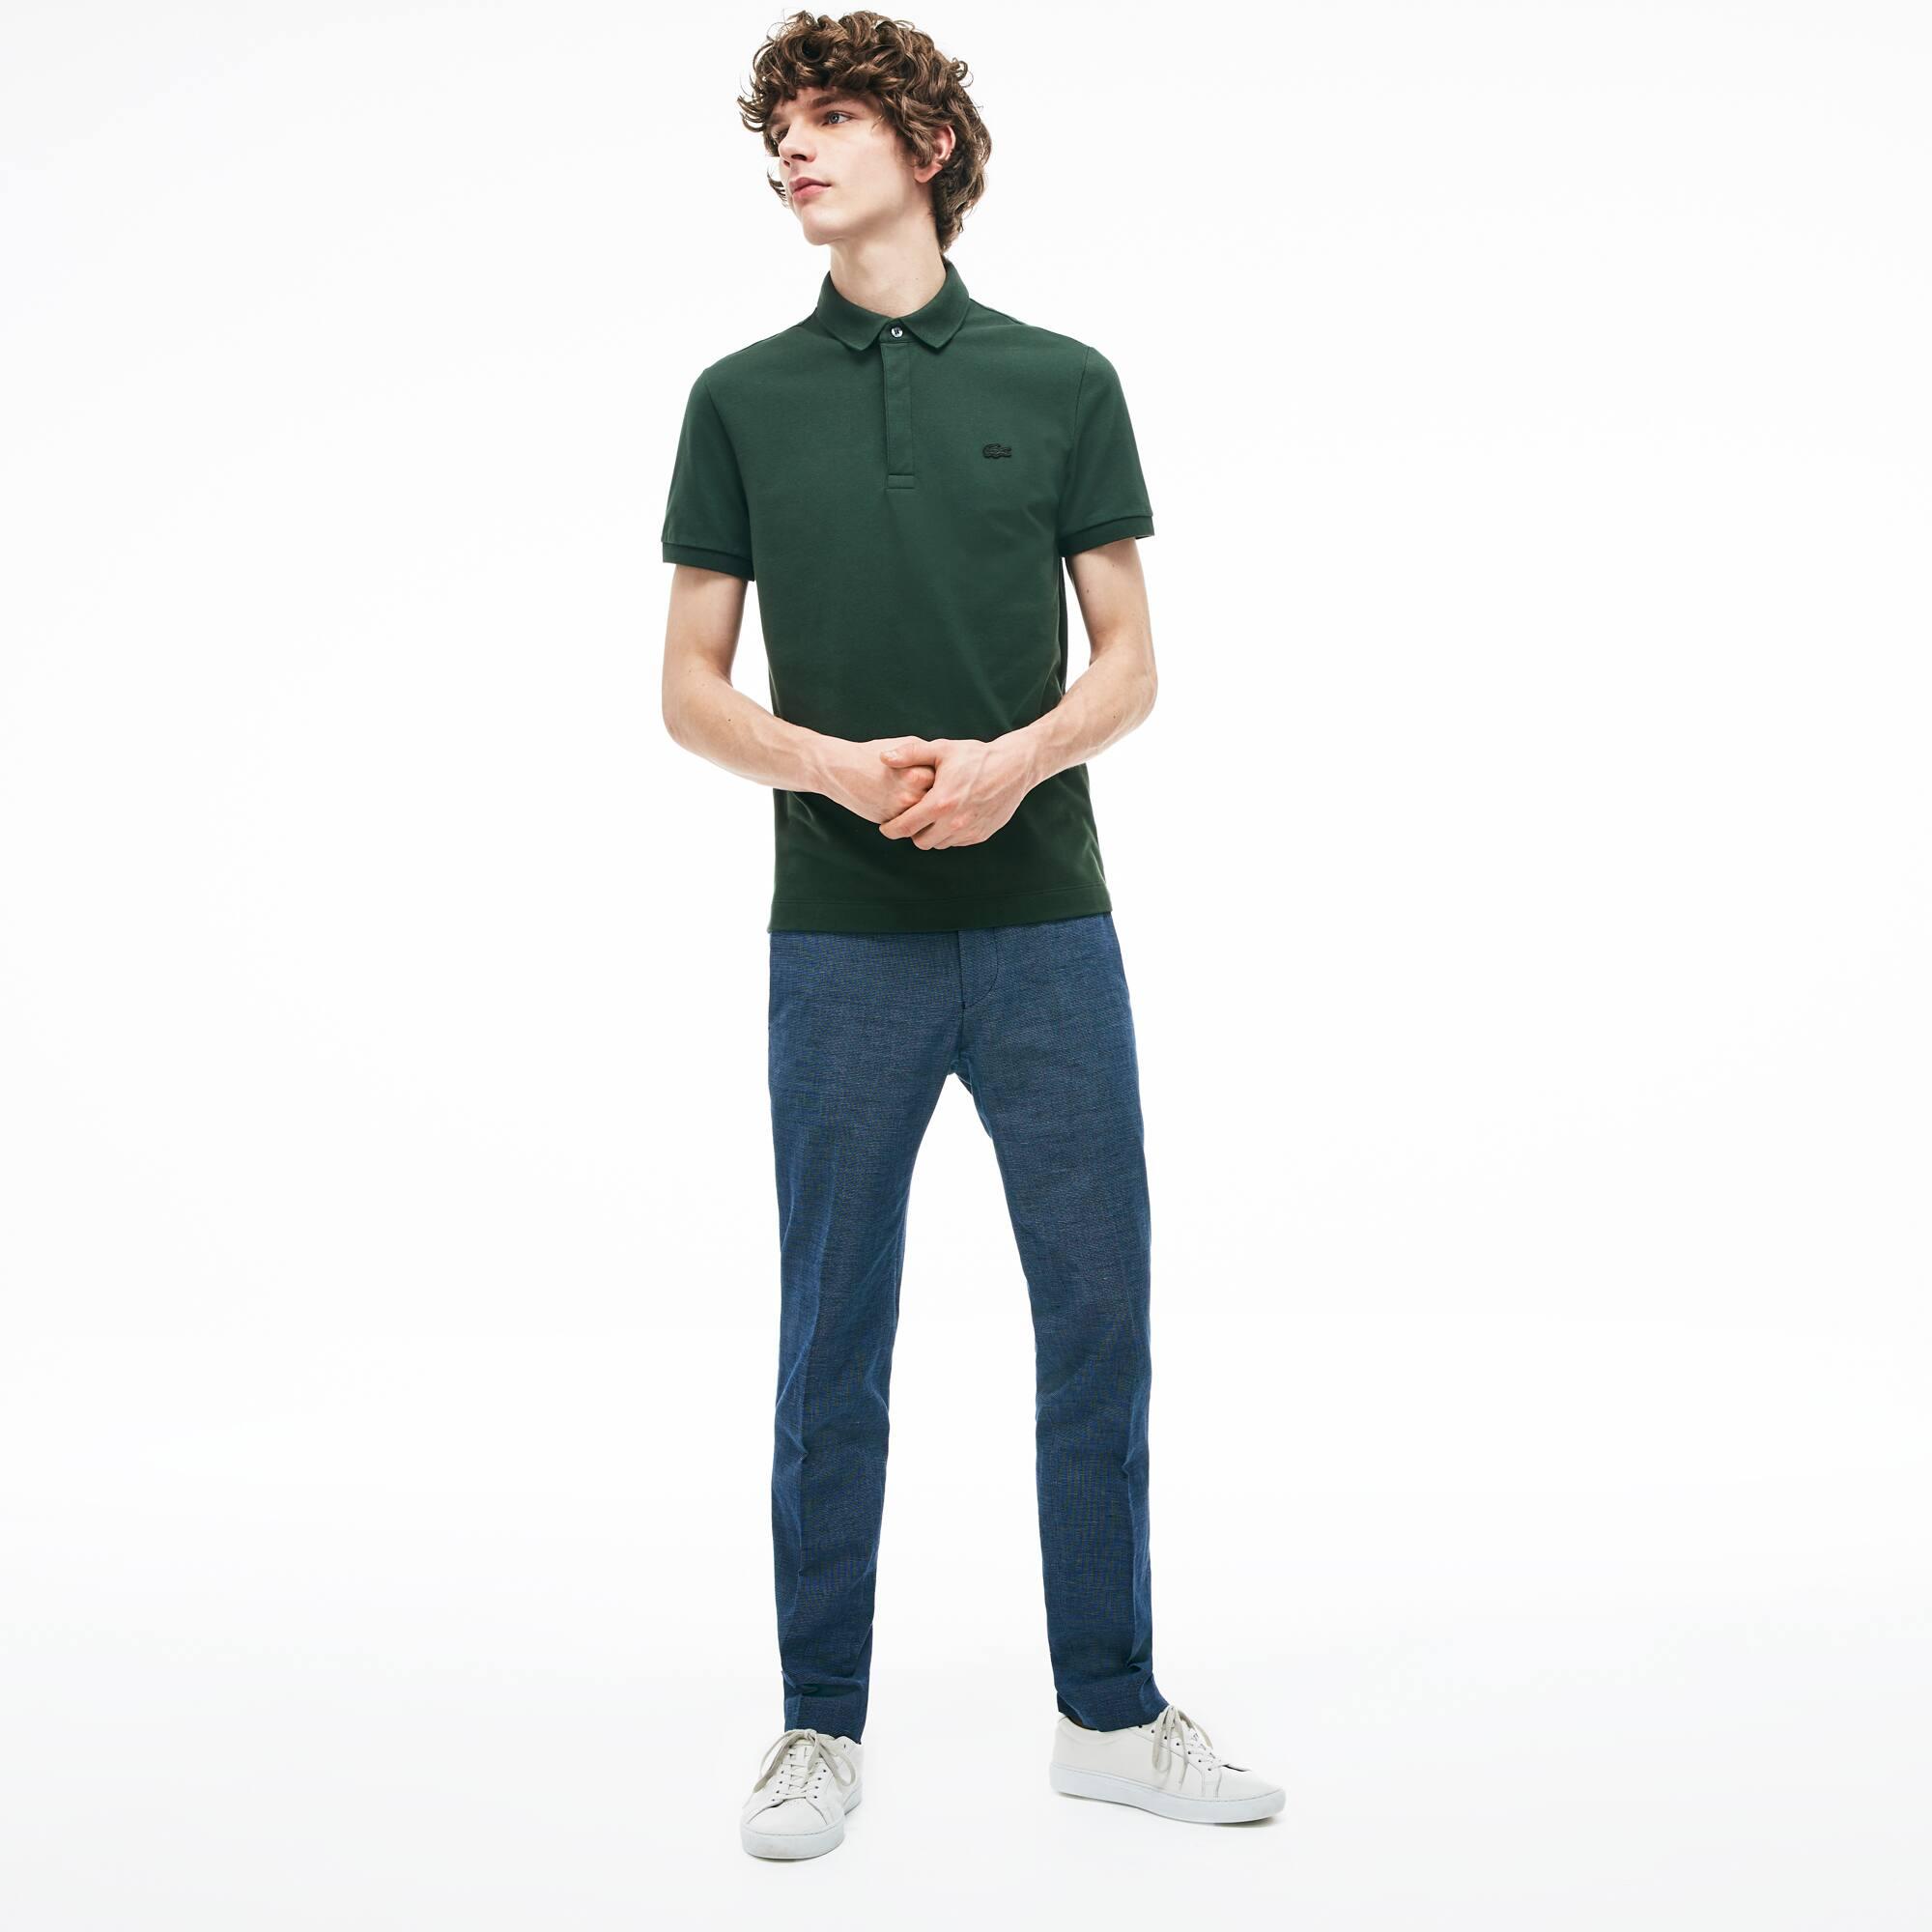 bd9d73c295 Pantalon chino slim fit en coton et lin mélangés